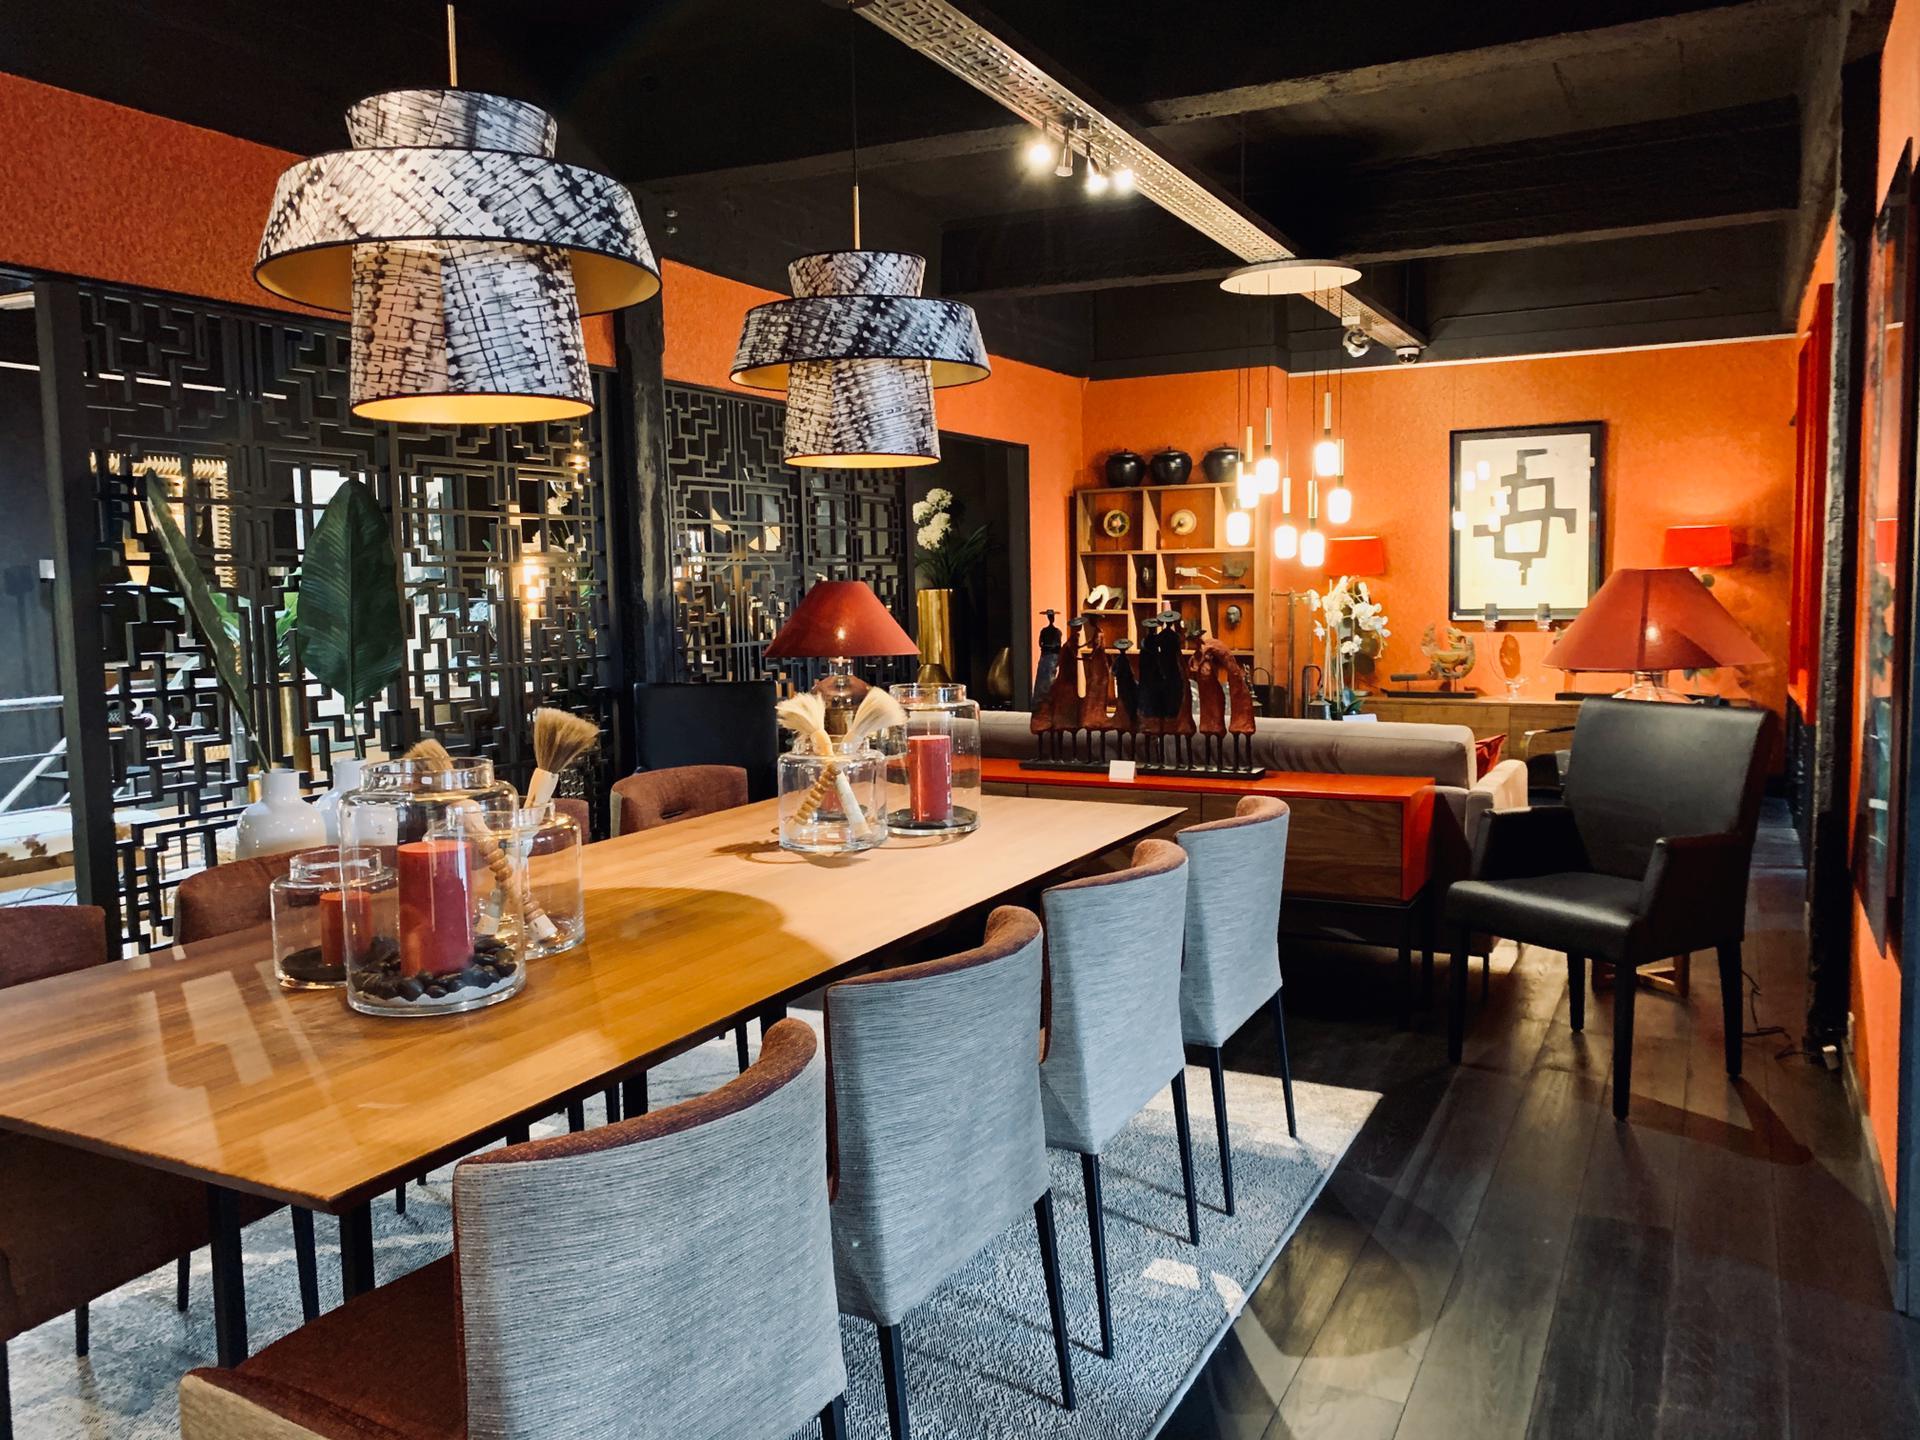 décoration chine, designers belges, décoration intérieur luxe, JN interiors, jour et nuit interiors liege verviers